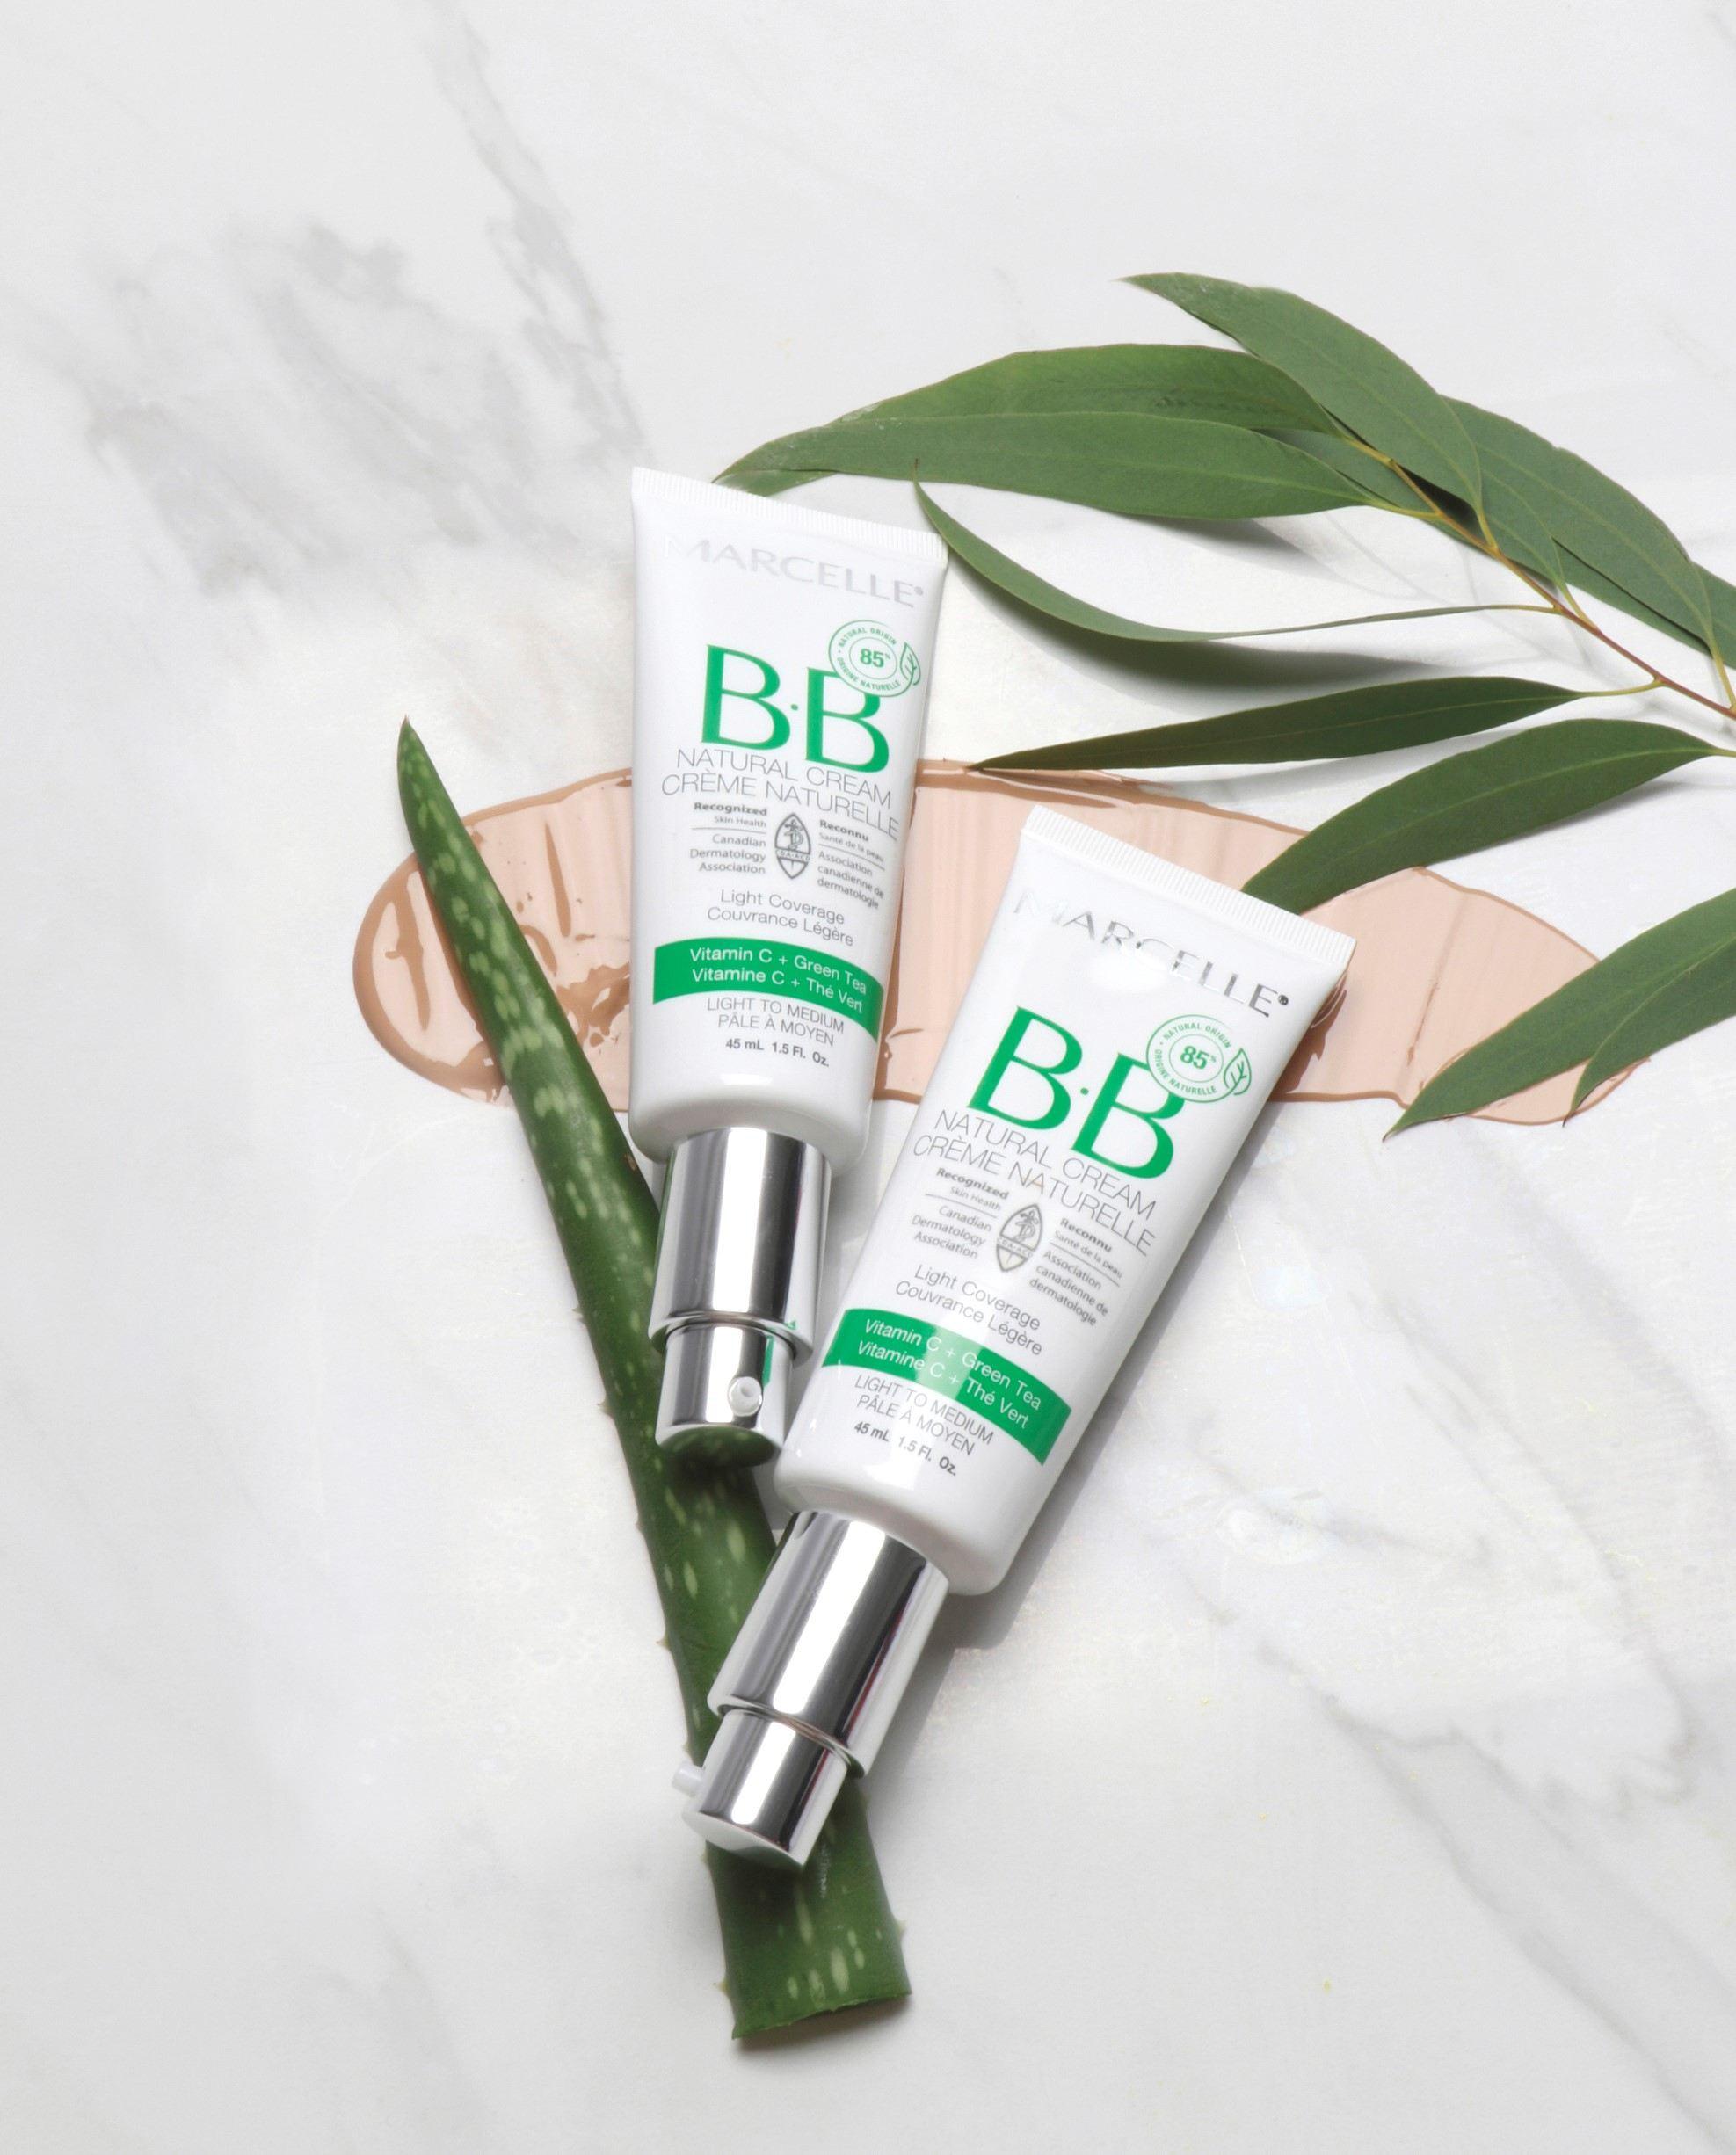 bb crème naturelle